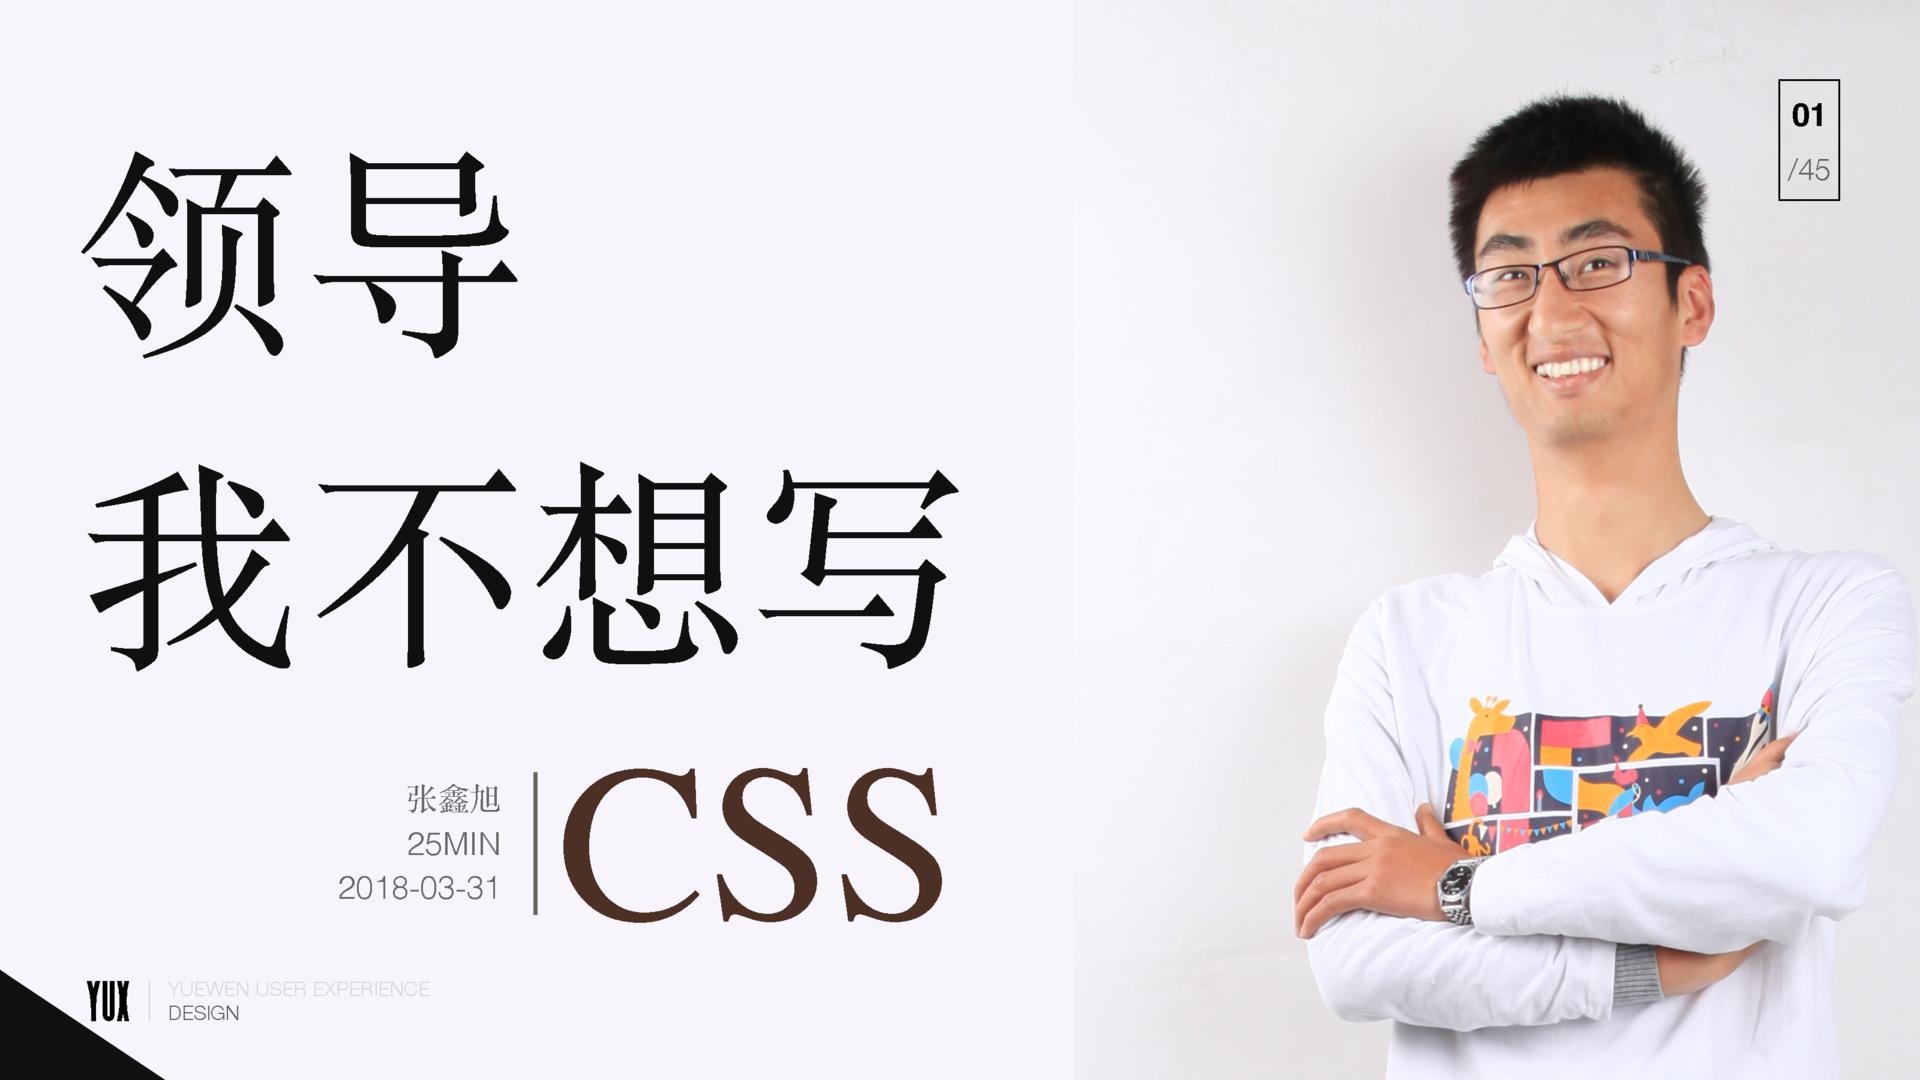 Leader,我不想写CSS